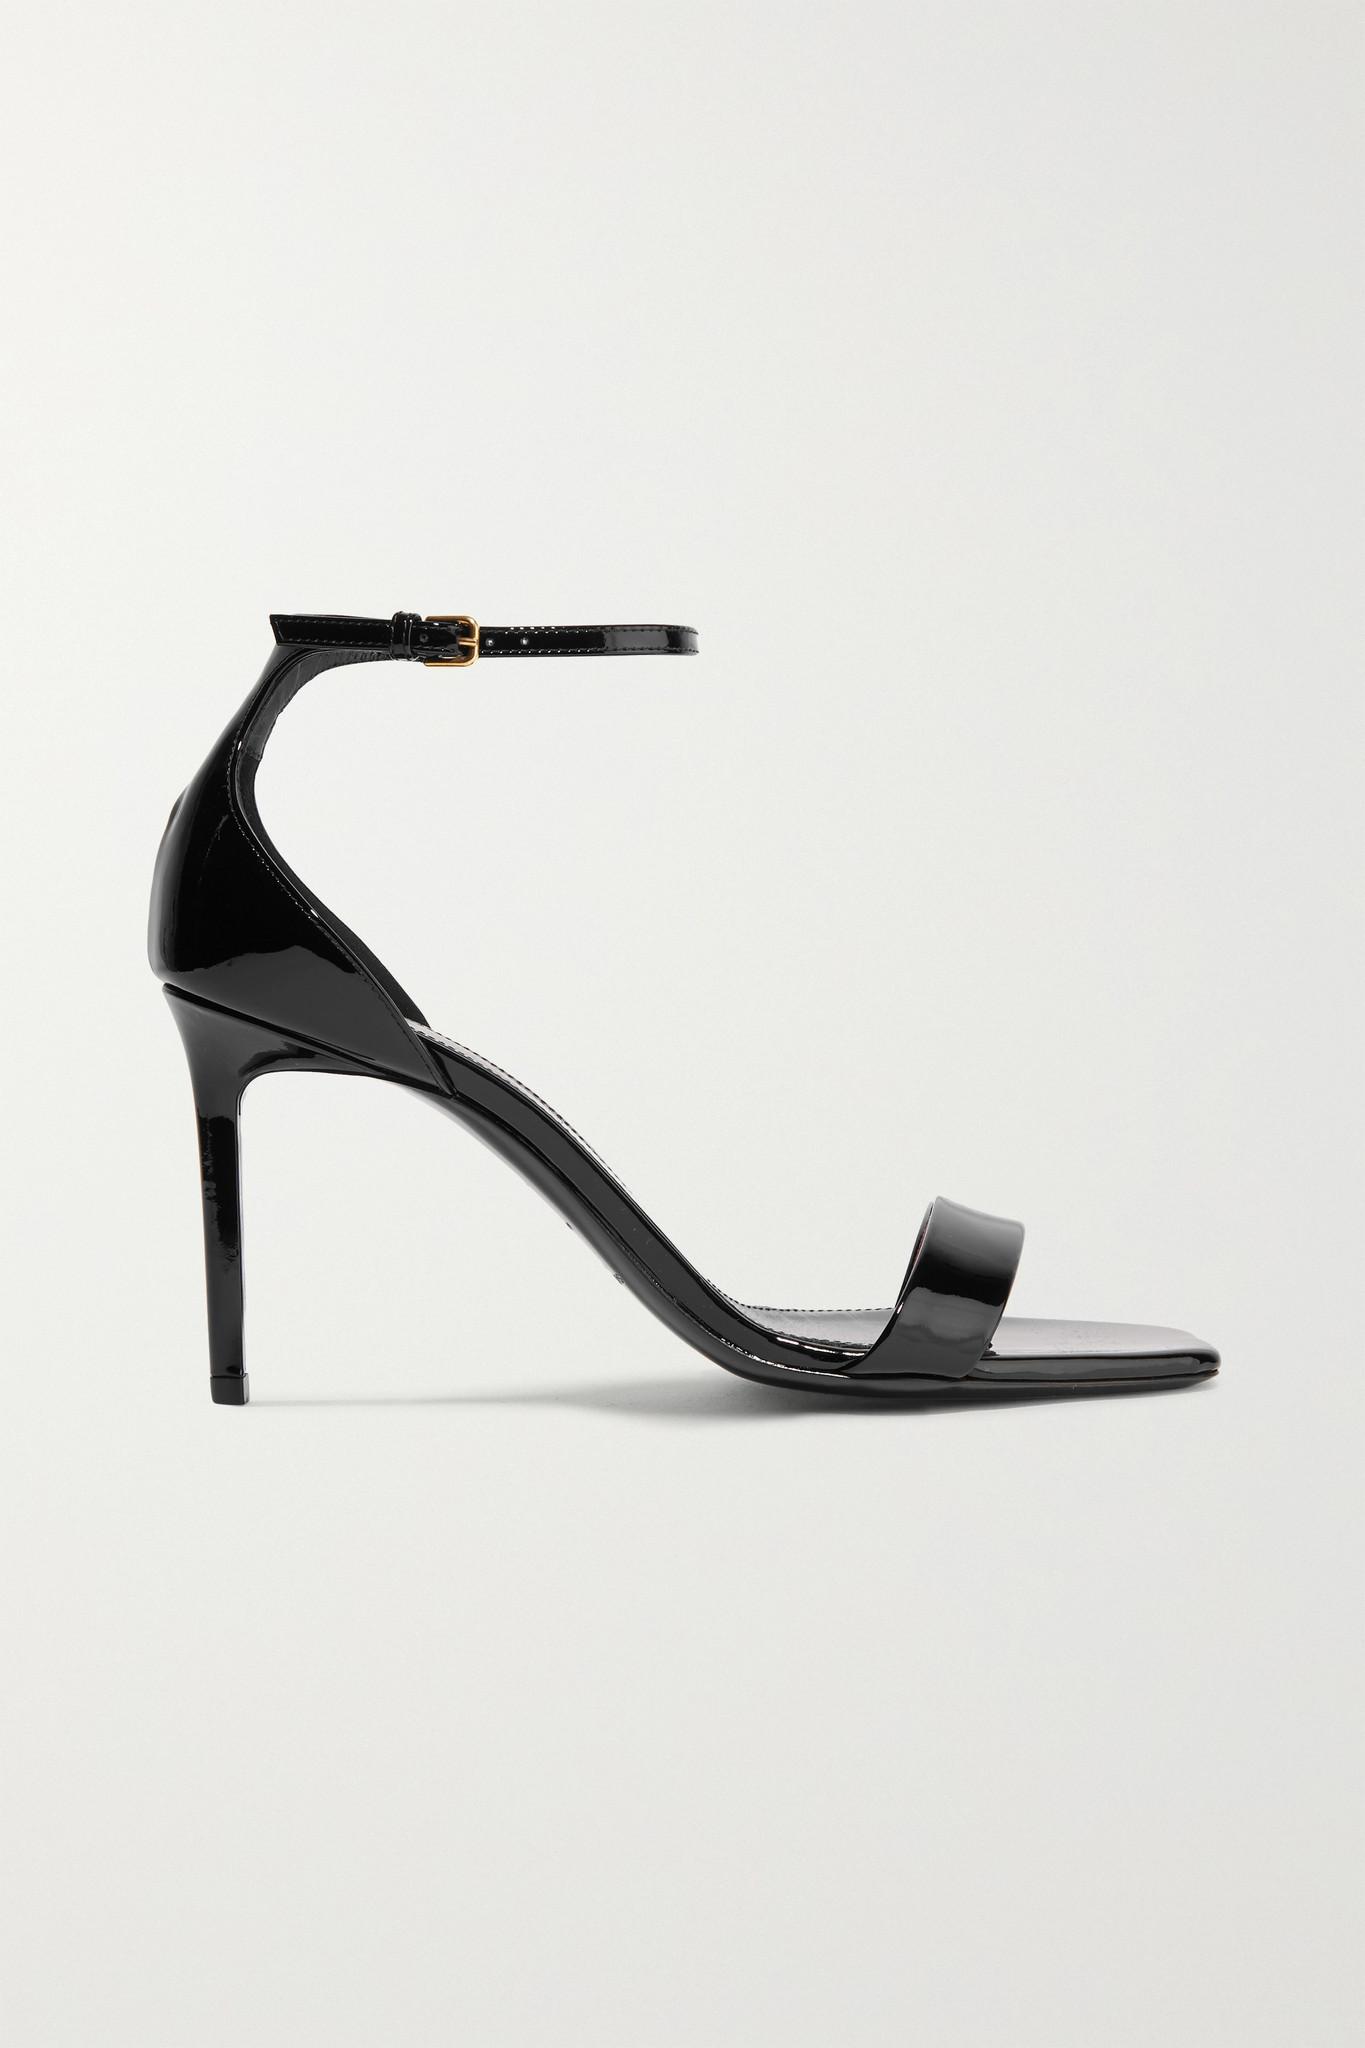 SAINT LAURENT - Amber Patent-leather Sandals - Black - IT40